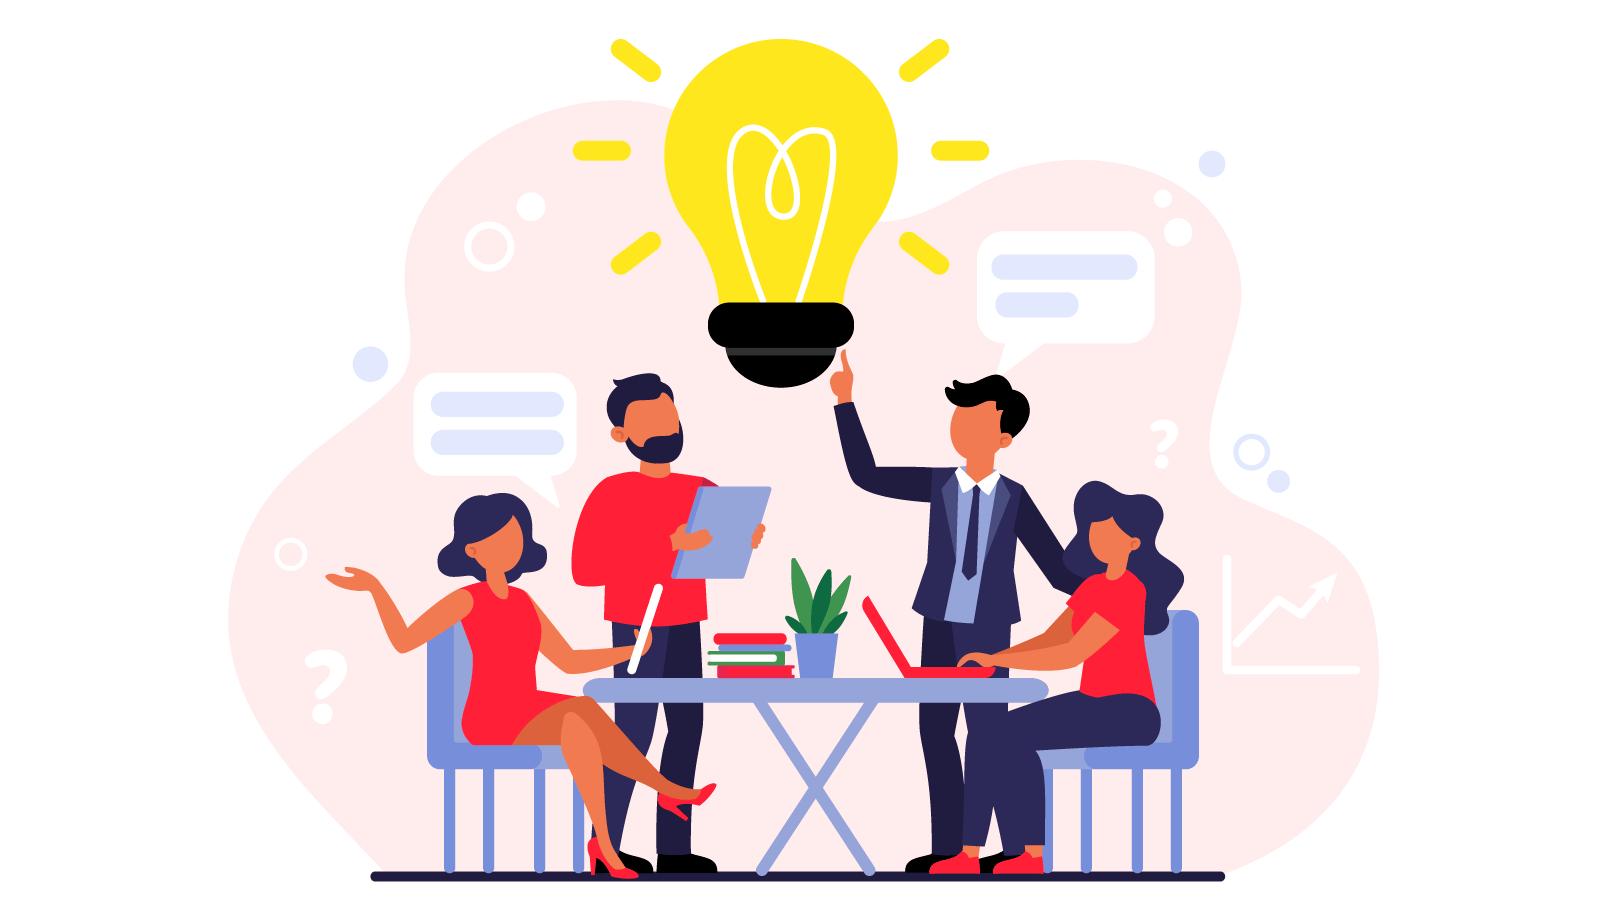 4 CRM gratuitos: Descubra cuál le conviene implementar en su empresa